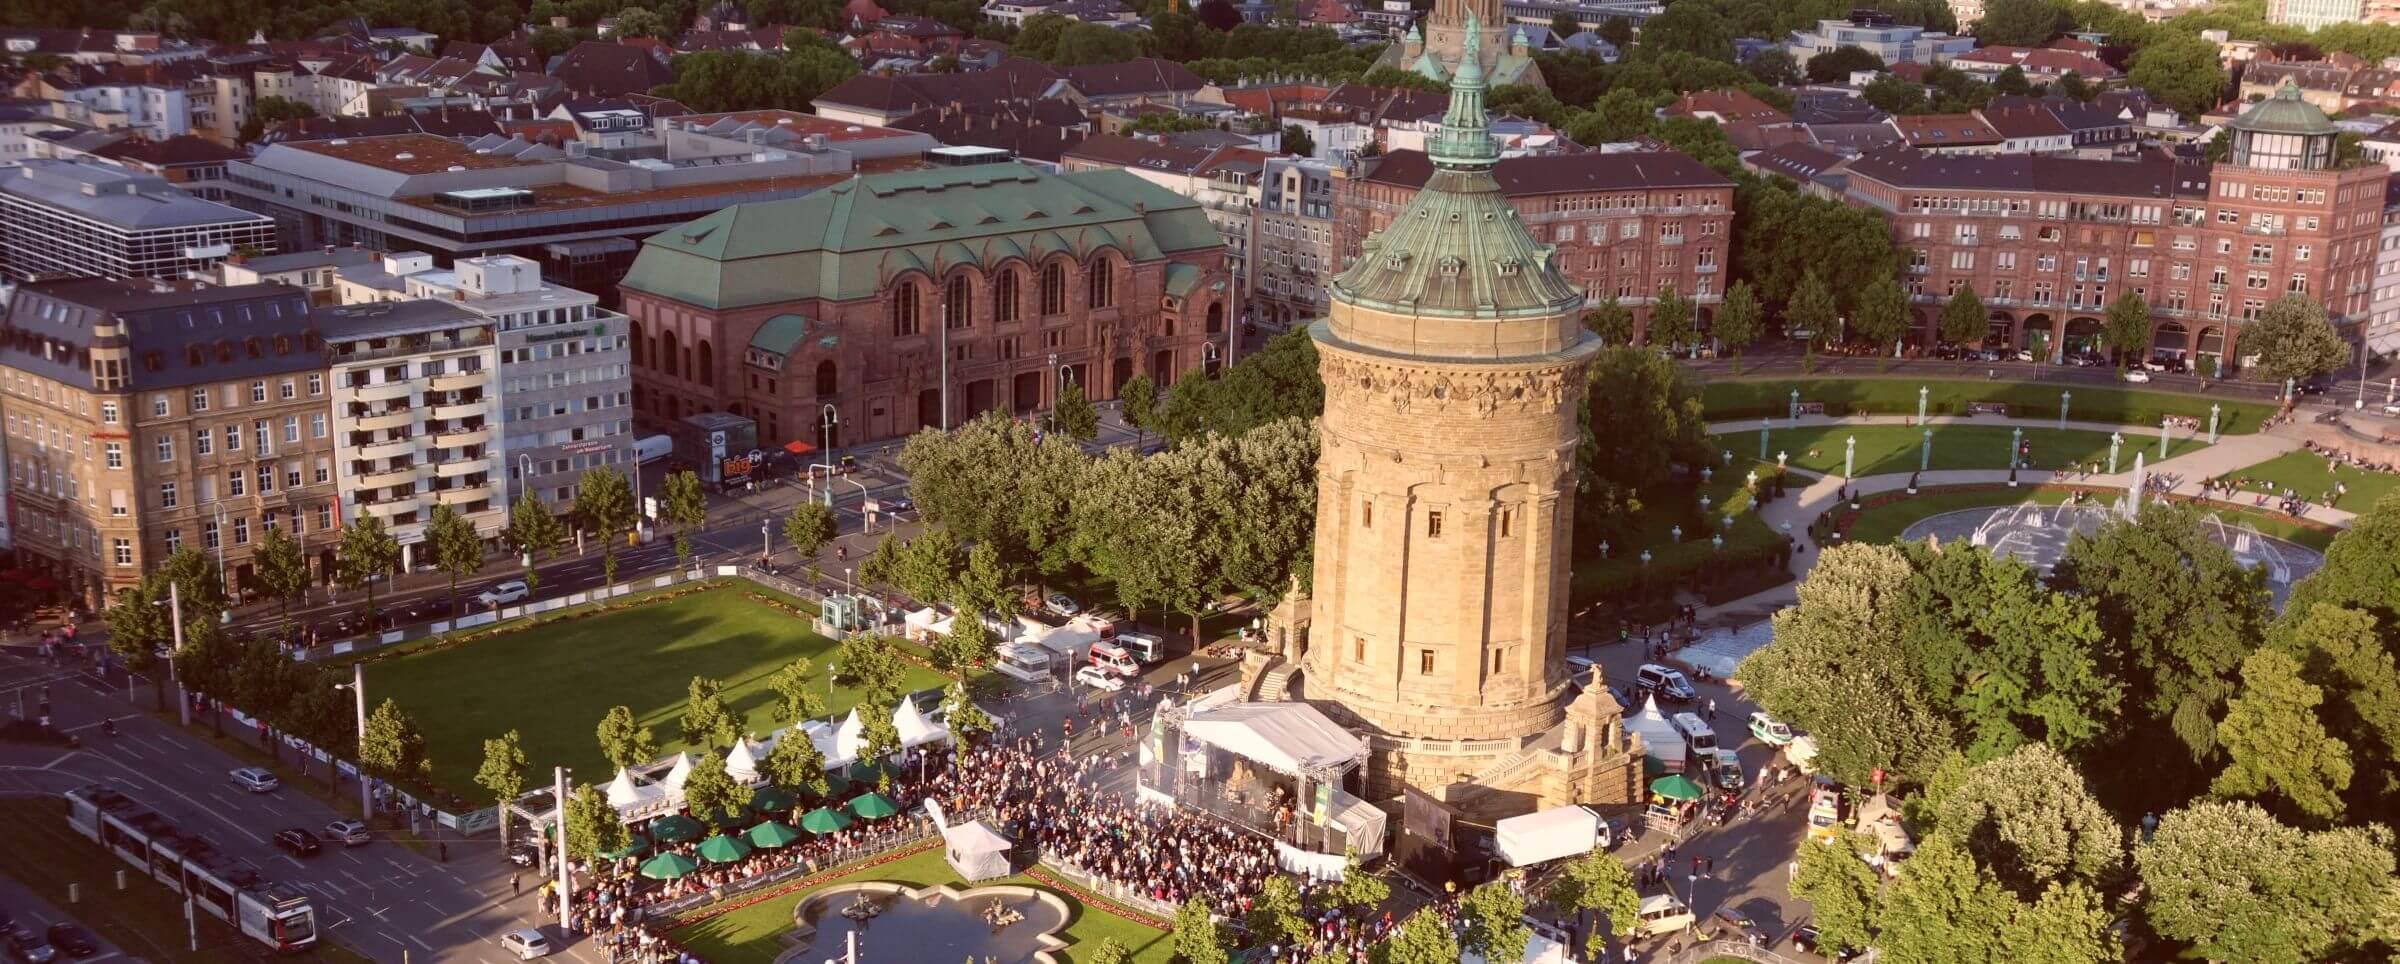 Hiri eta Herri Iraunkorrei buruzko Europako  9. konferentzia - Mannheim2020